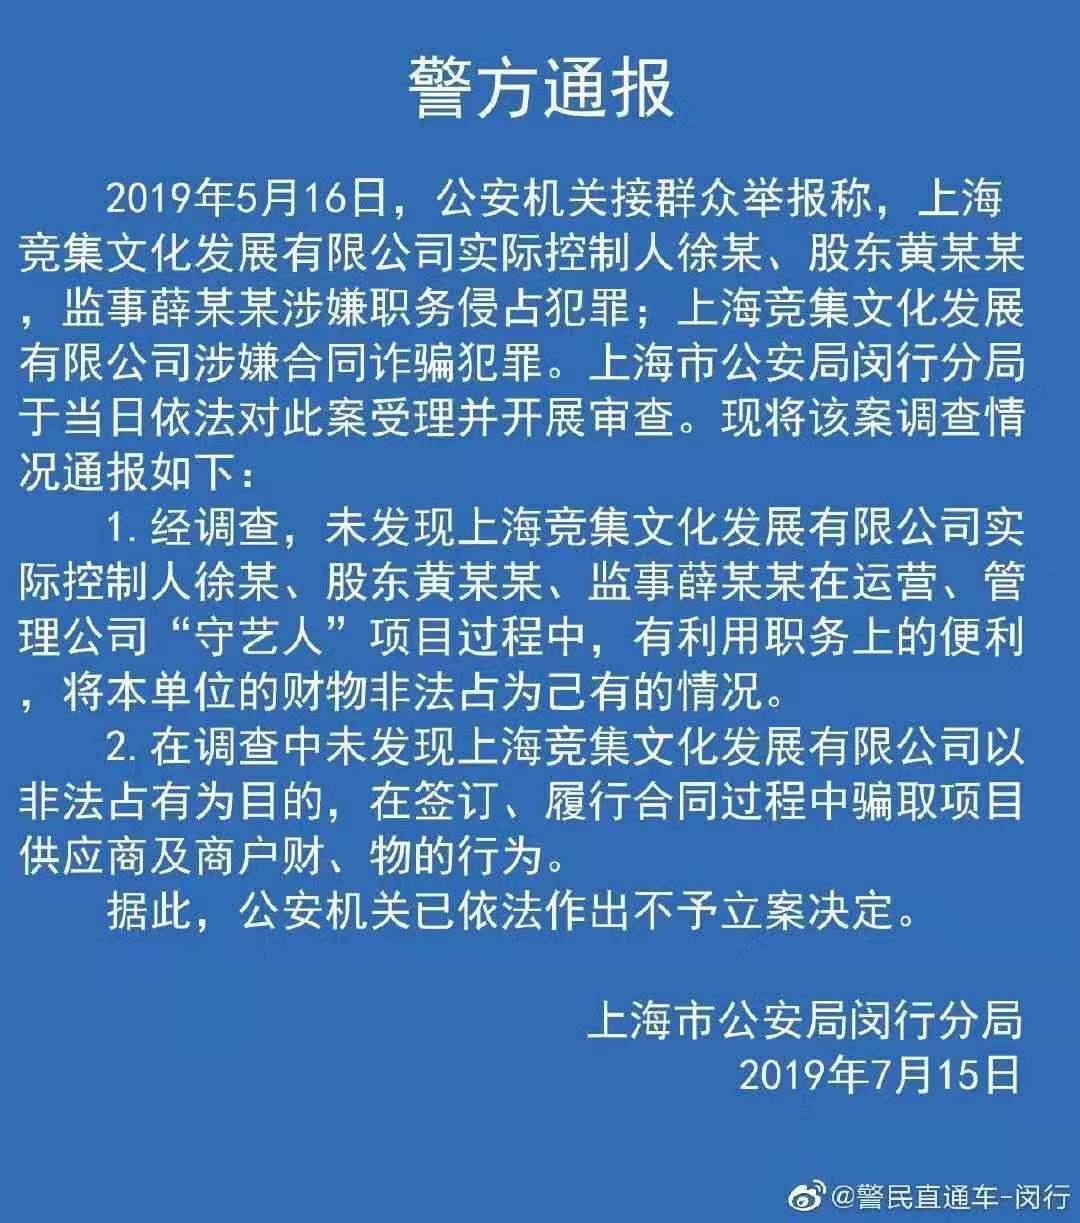 http://www.xaxlfz.com/xianjingji/41767.html